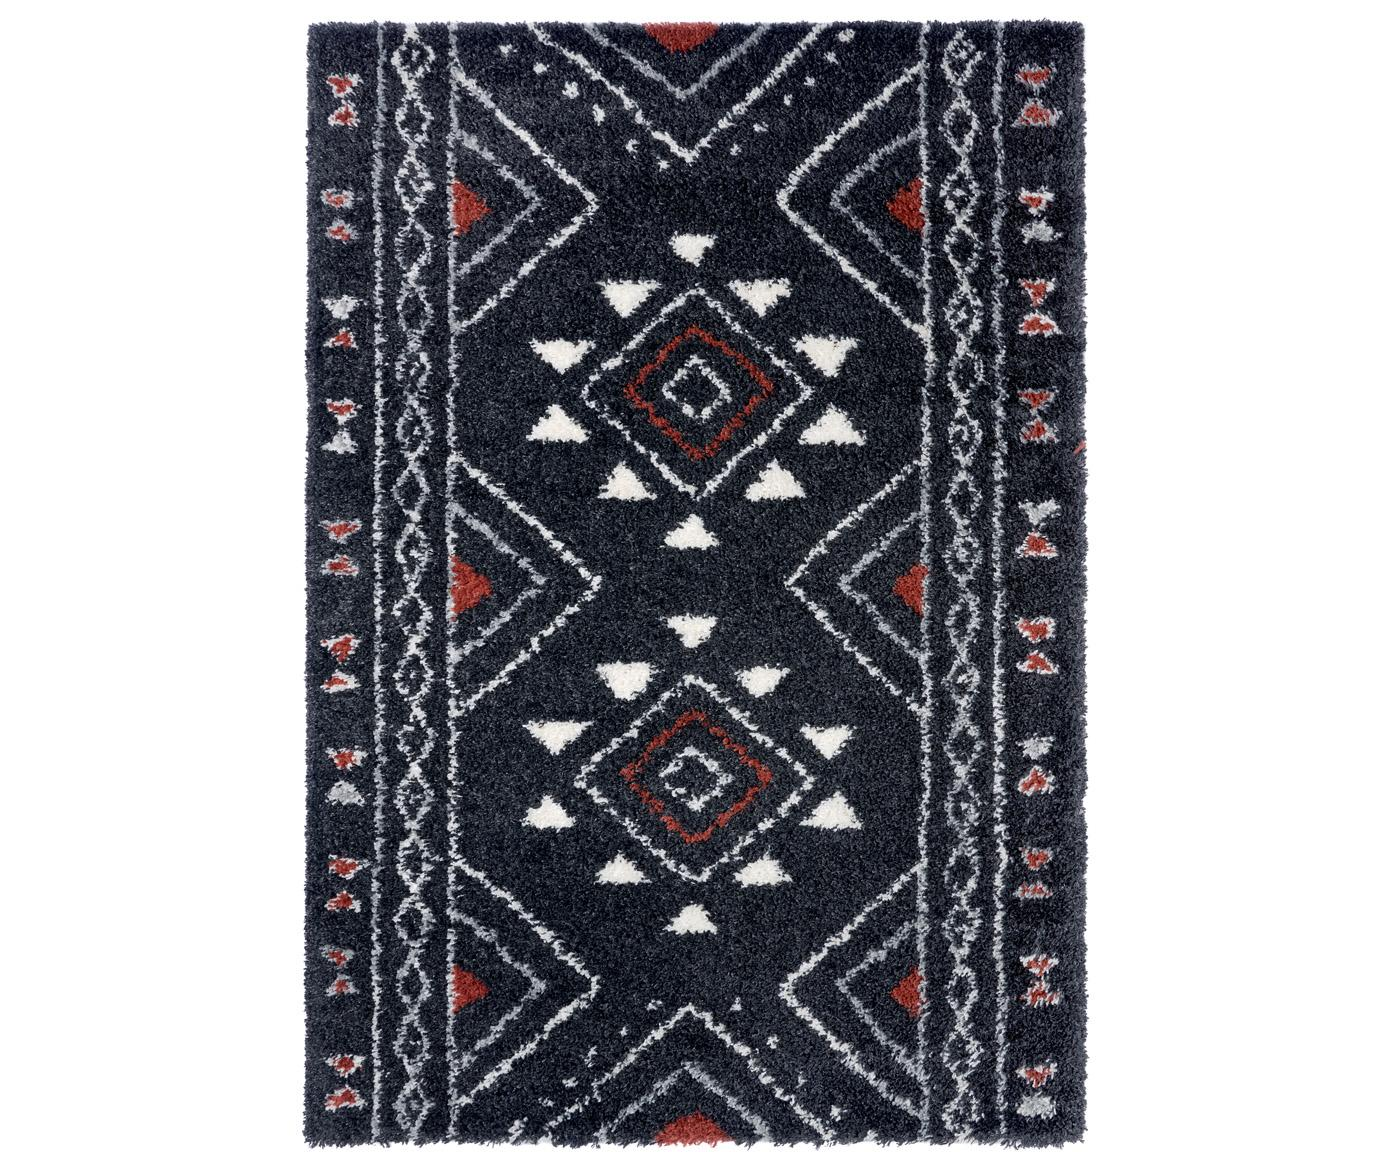 Hochflor-Teppich Hurley mit Ethnomuster, 100% Polypropylen, Schwarz, Cremefarben, Grau, Rostbraun, B 80 x L 150 cm (Größe XS)